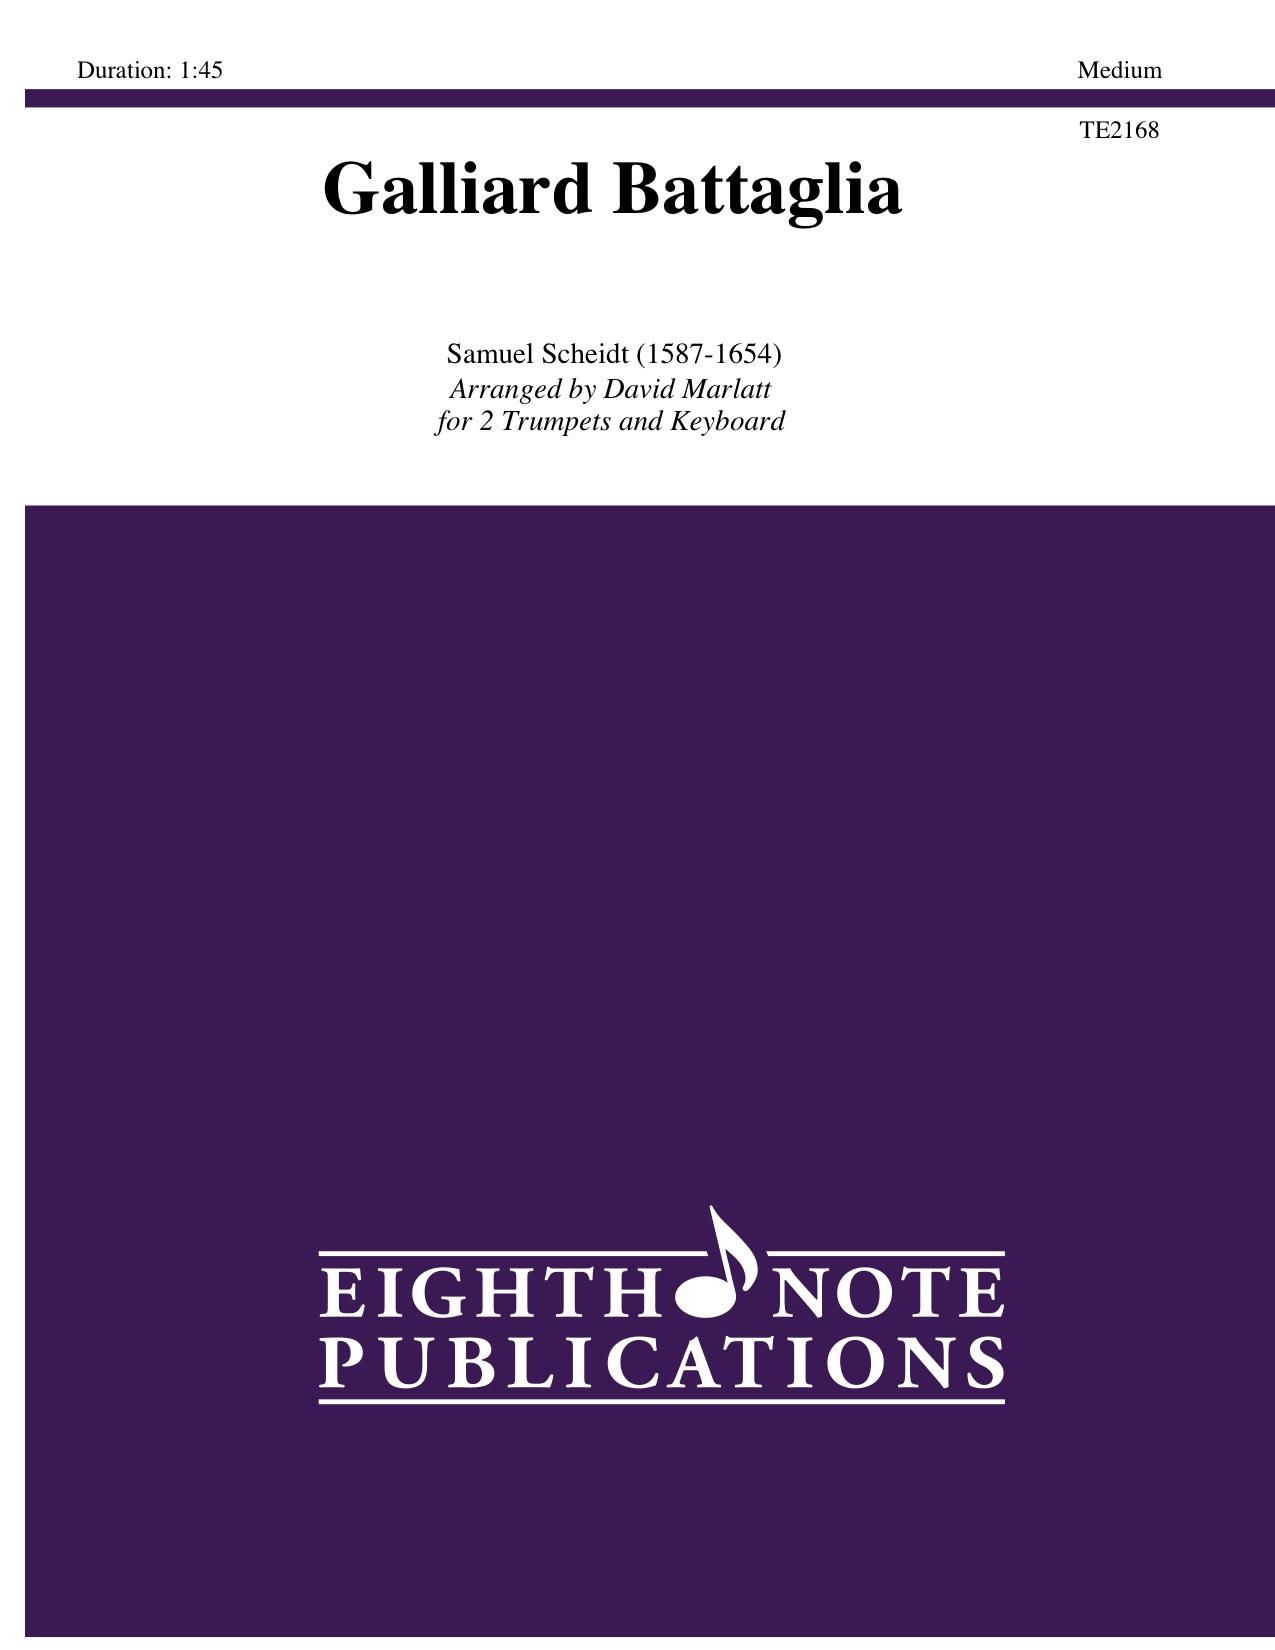 Galliard Battaglia    - Samuel Scheidt